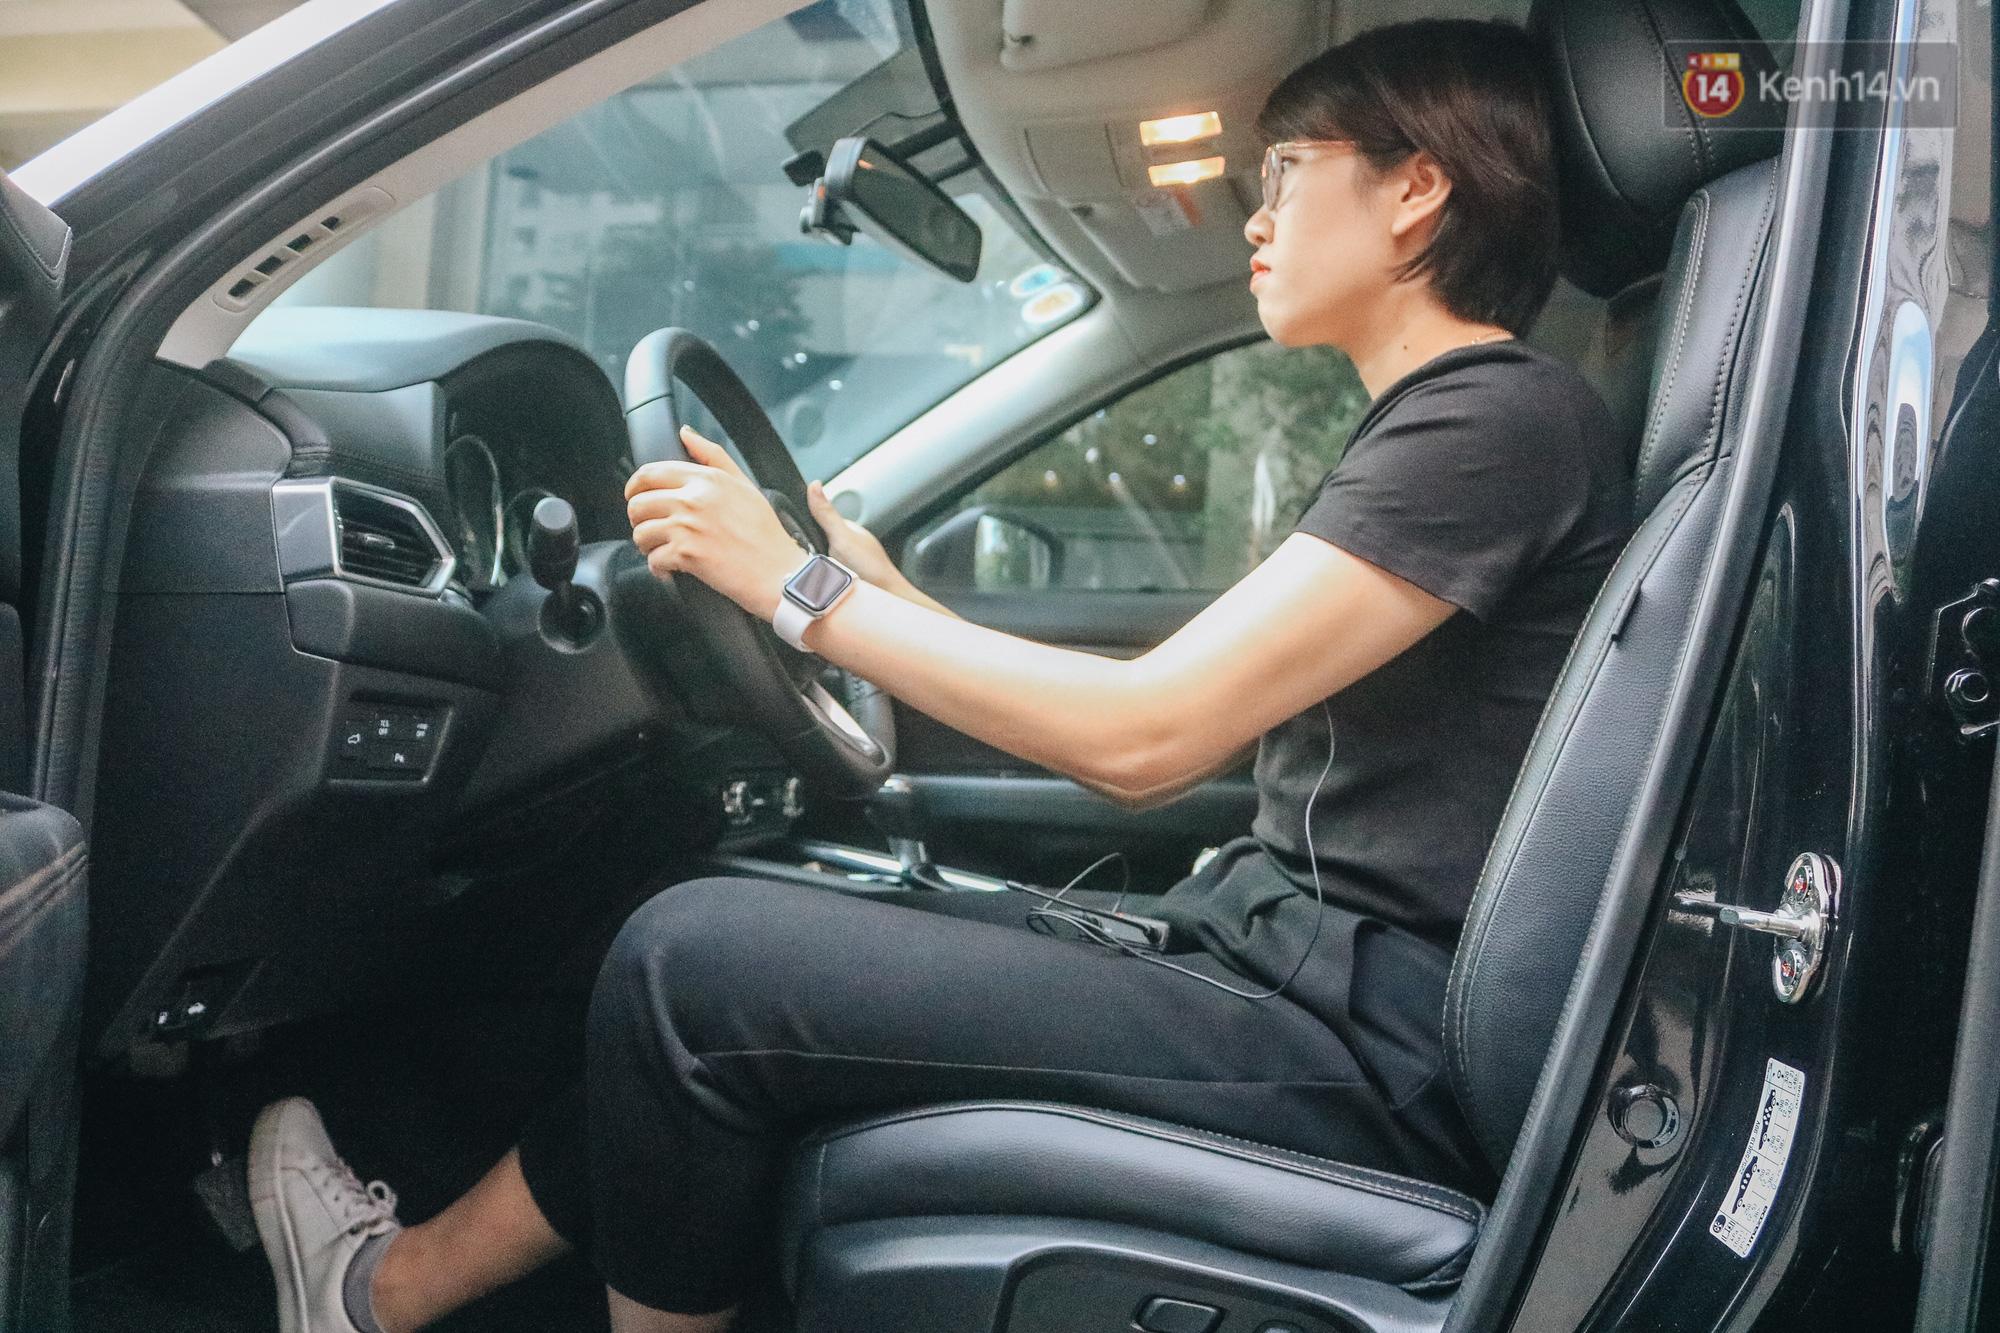 Từ vụ nữ tài xế Mercedes gây tai nạn kinh hoàng khiến 1 người chết: Chị em phụ nữ nói về gót giày tử thần khi lái xe - Ảnh 7.